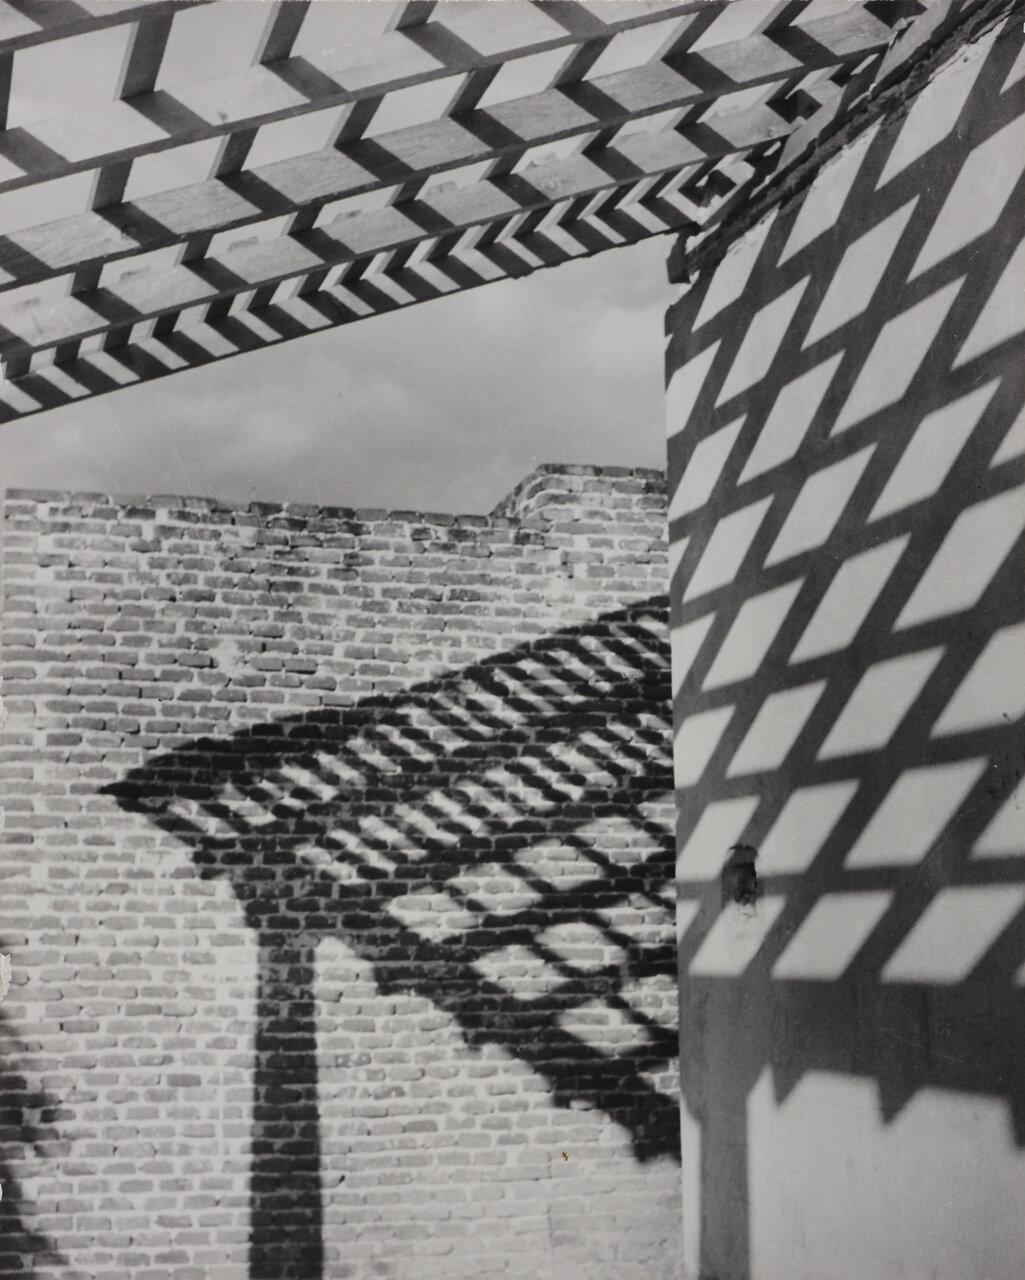 1950. Тени на стене